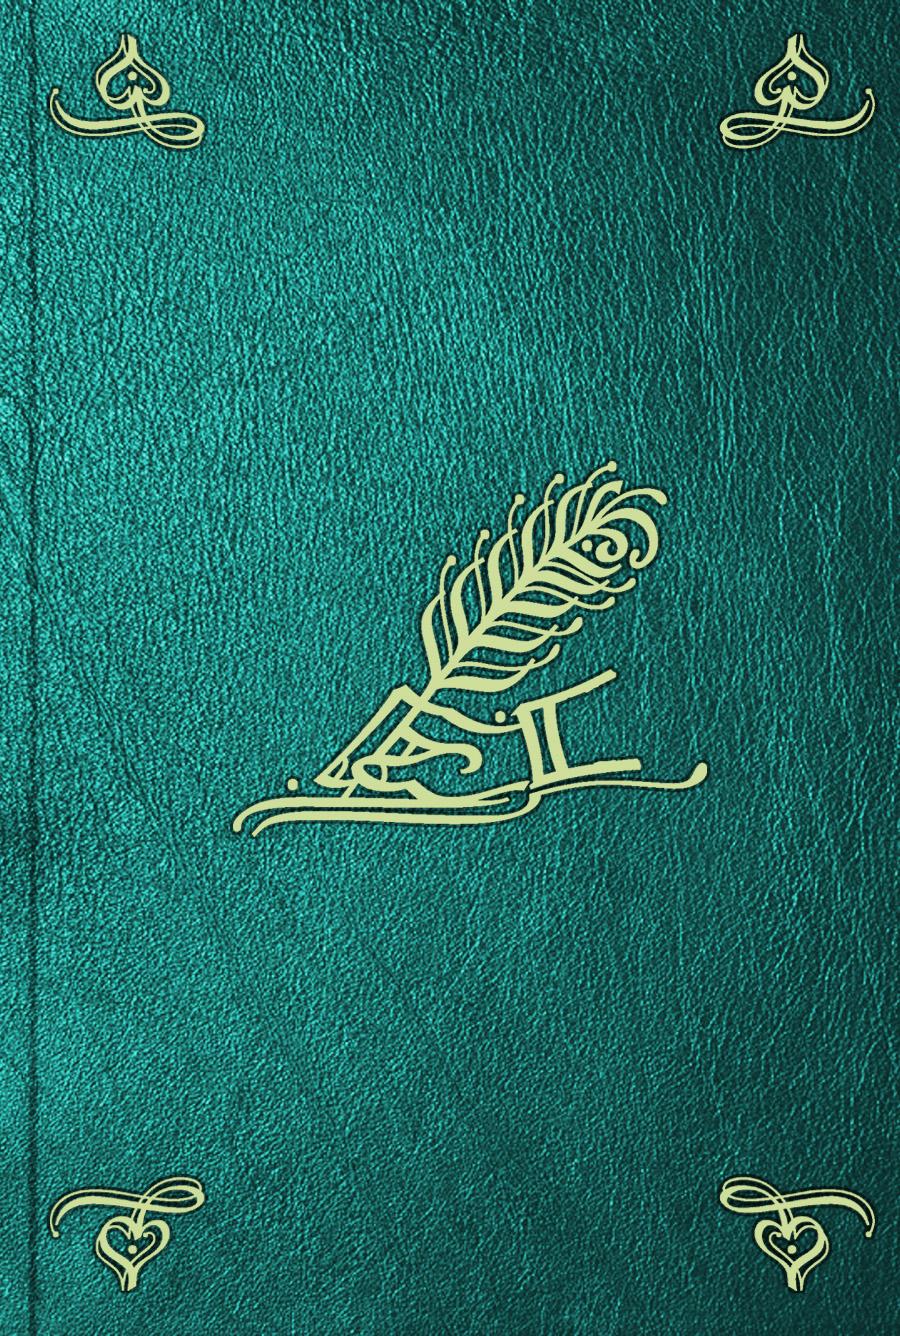 Comte de Buffon Georges Louis Leclerc Histoire naturelle. T. 5. Oiseaux comte de buffon georges louis leclerc histoire naturelle t 8 oiseaux